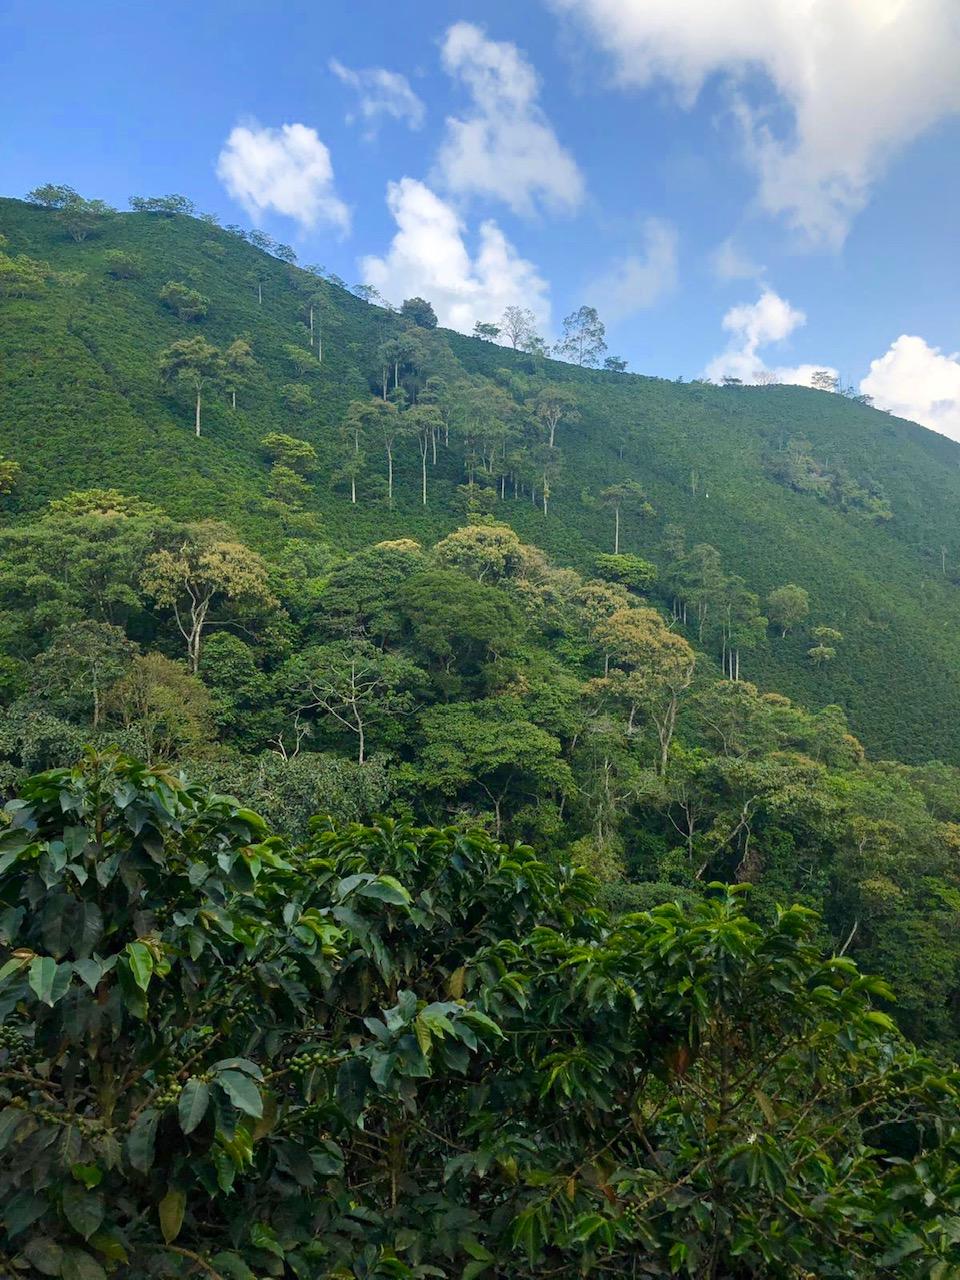 jerico hillside, full of arabica beans, smt.com